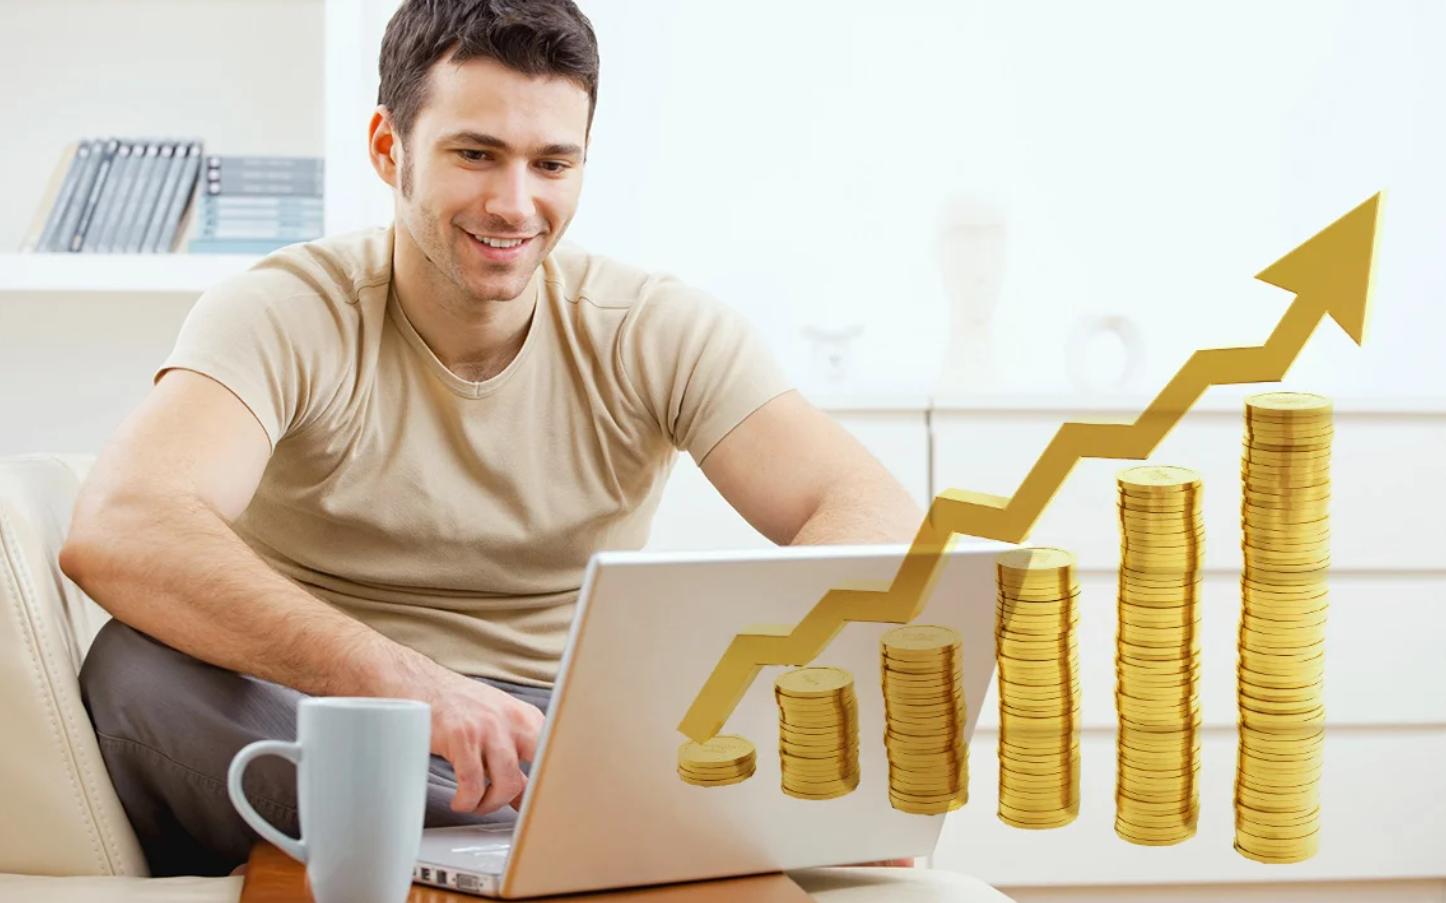 Онлайн инвестиции или совет интернет инвесторам